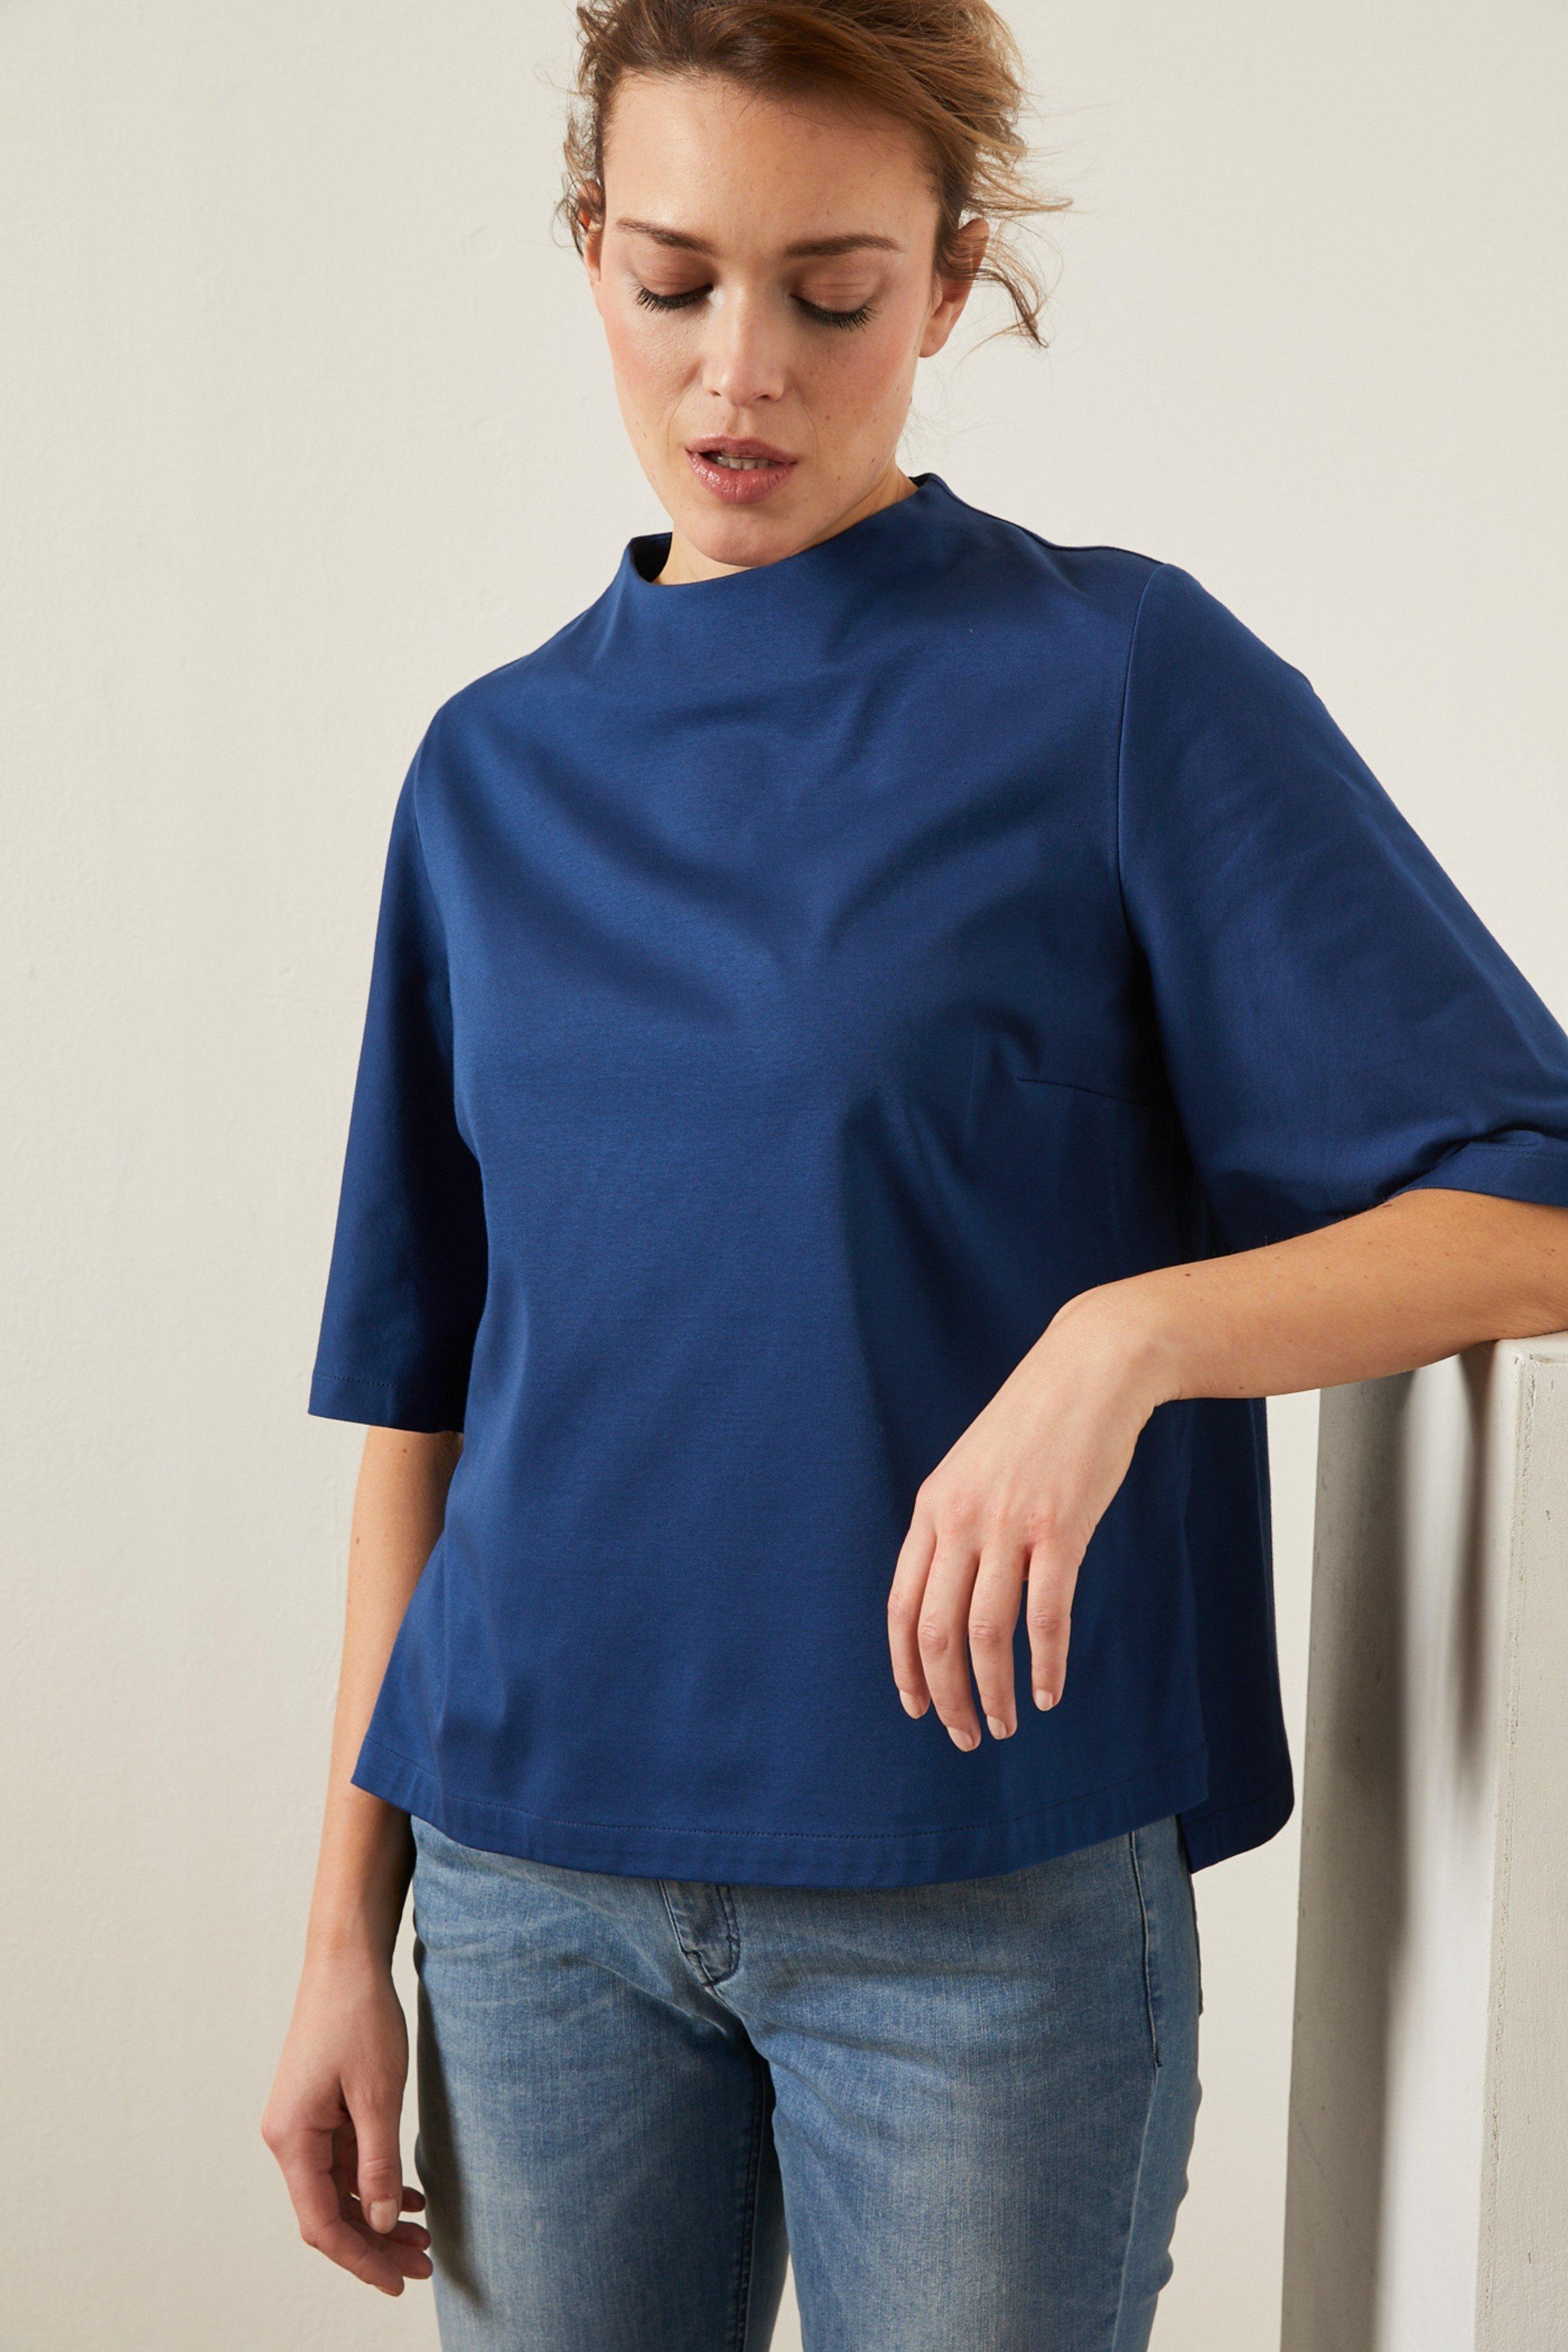 T-Shirt Mit Kragen Blau from LOVECO